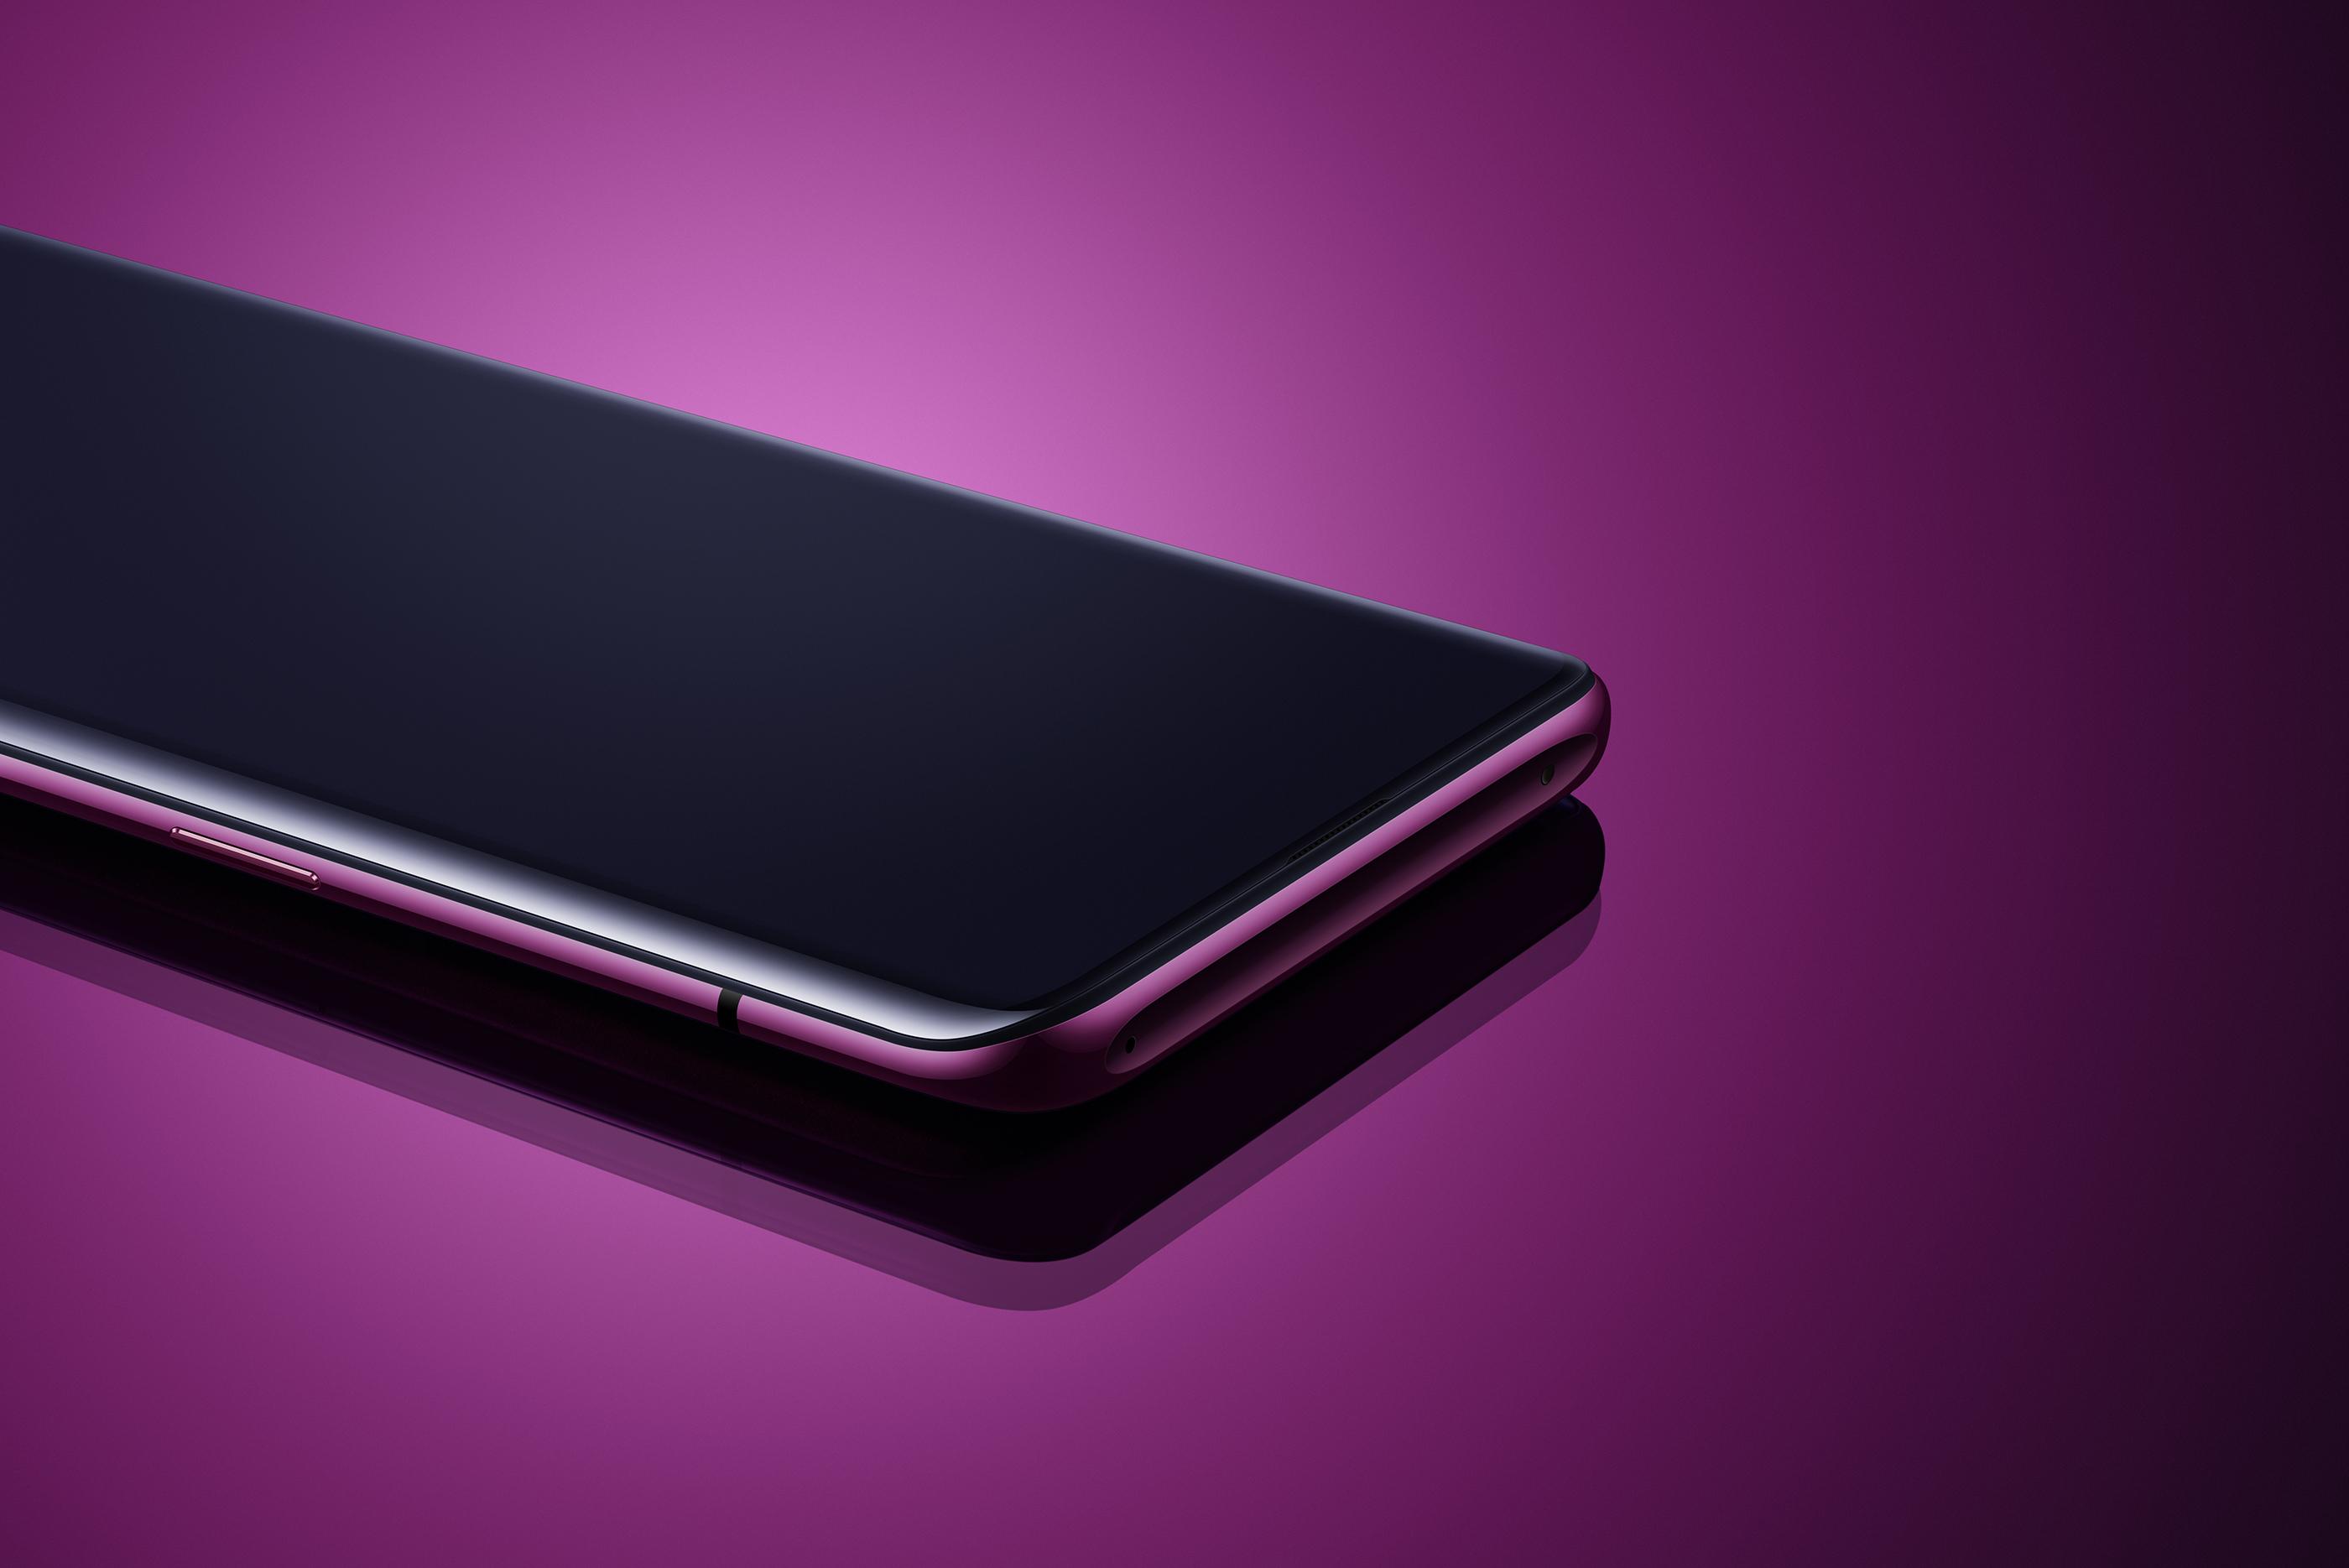 Oppo Find X: prezzo in Italia e scheda tecnica. Le caratteristiche